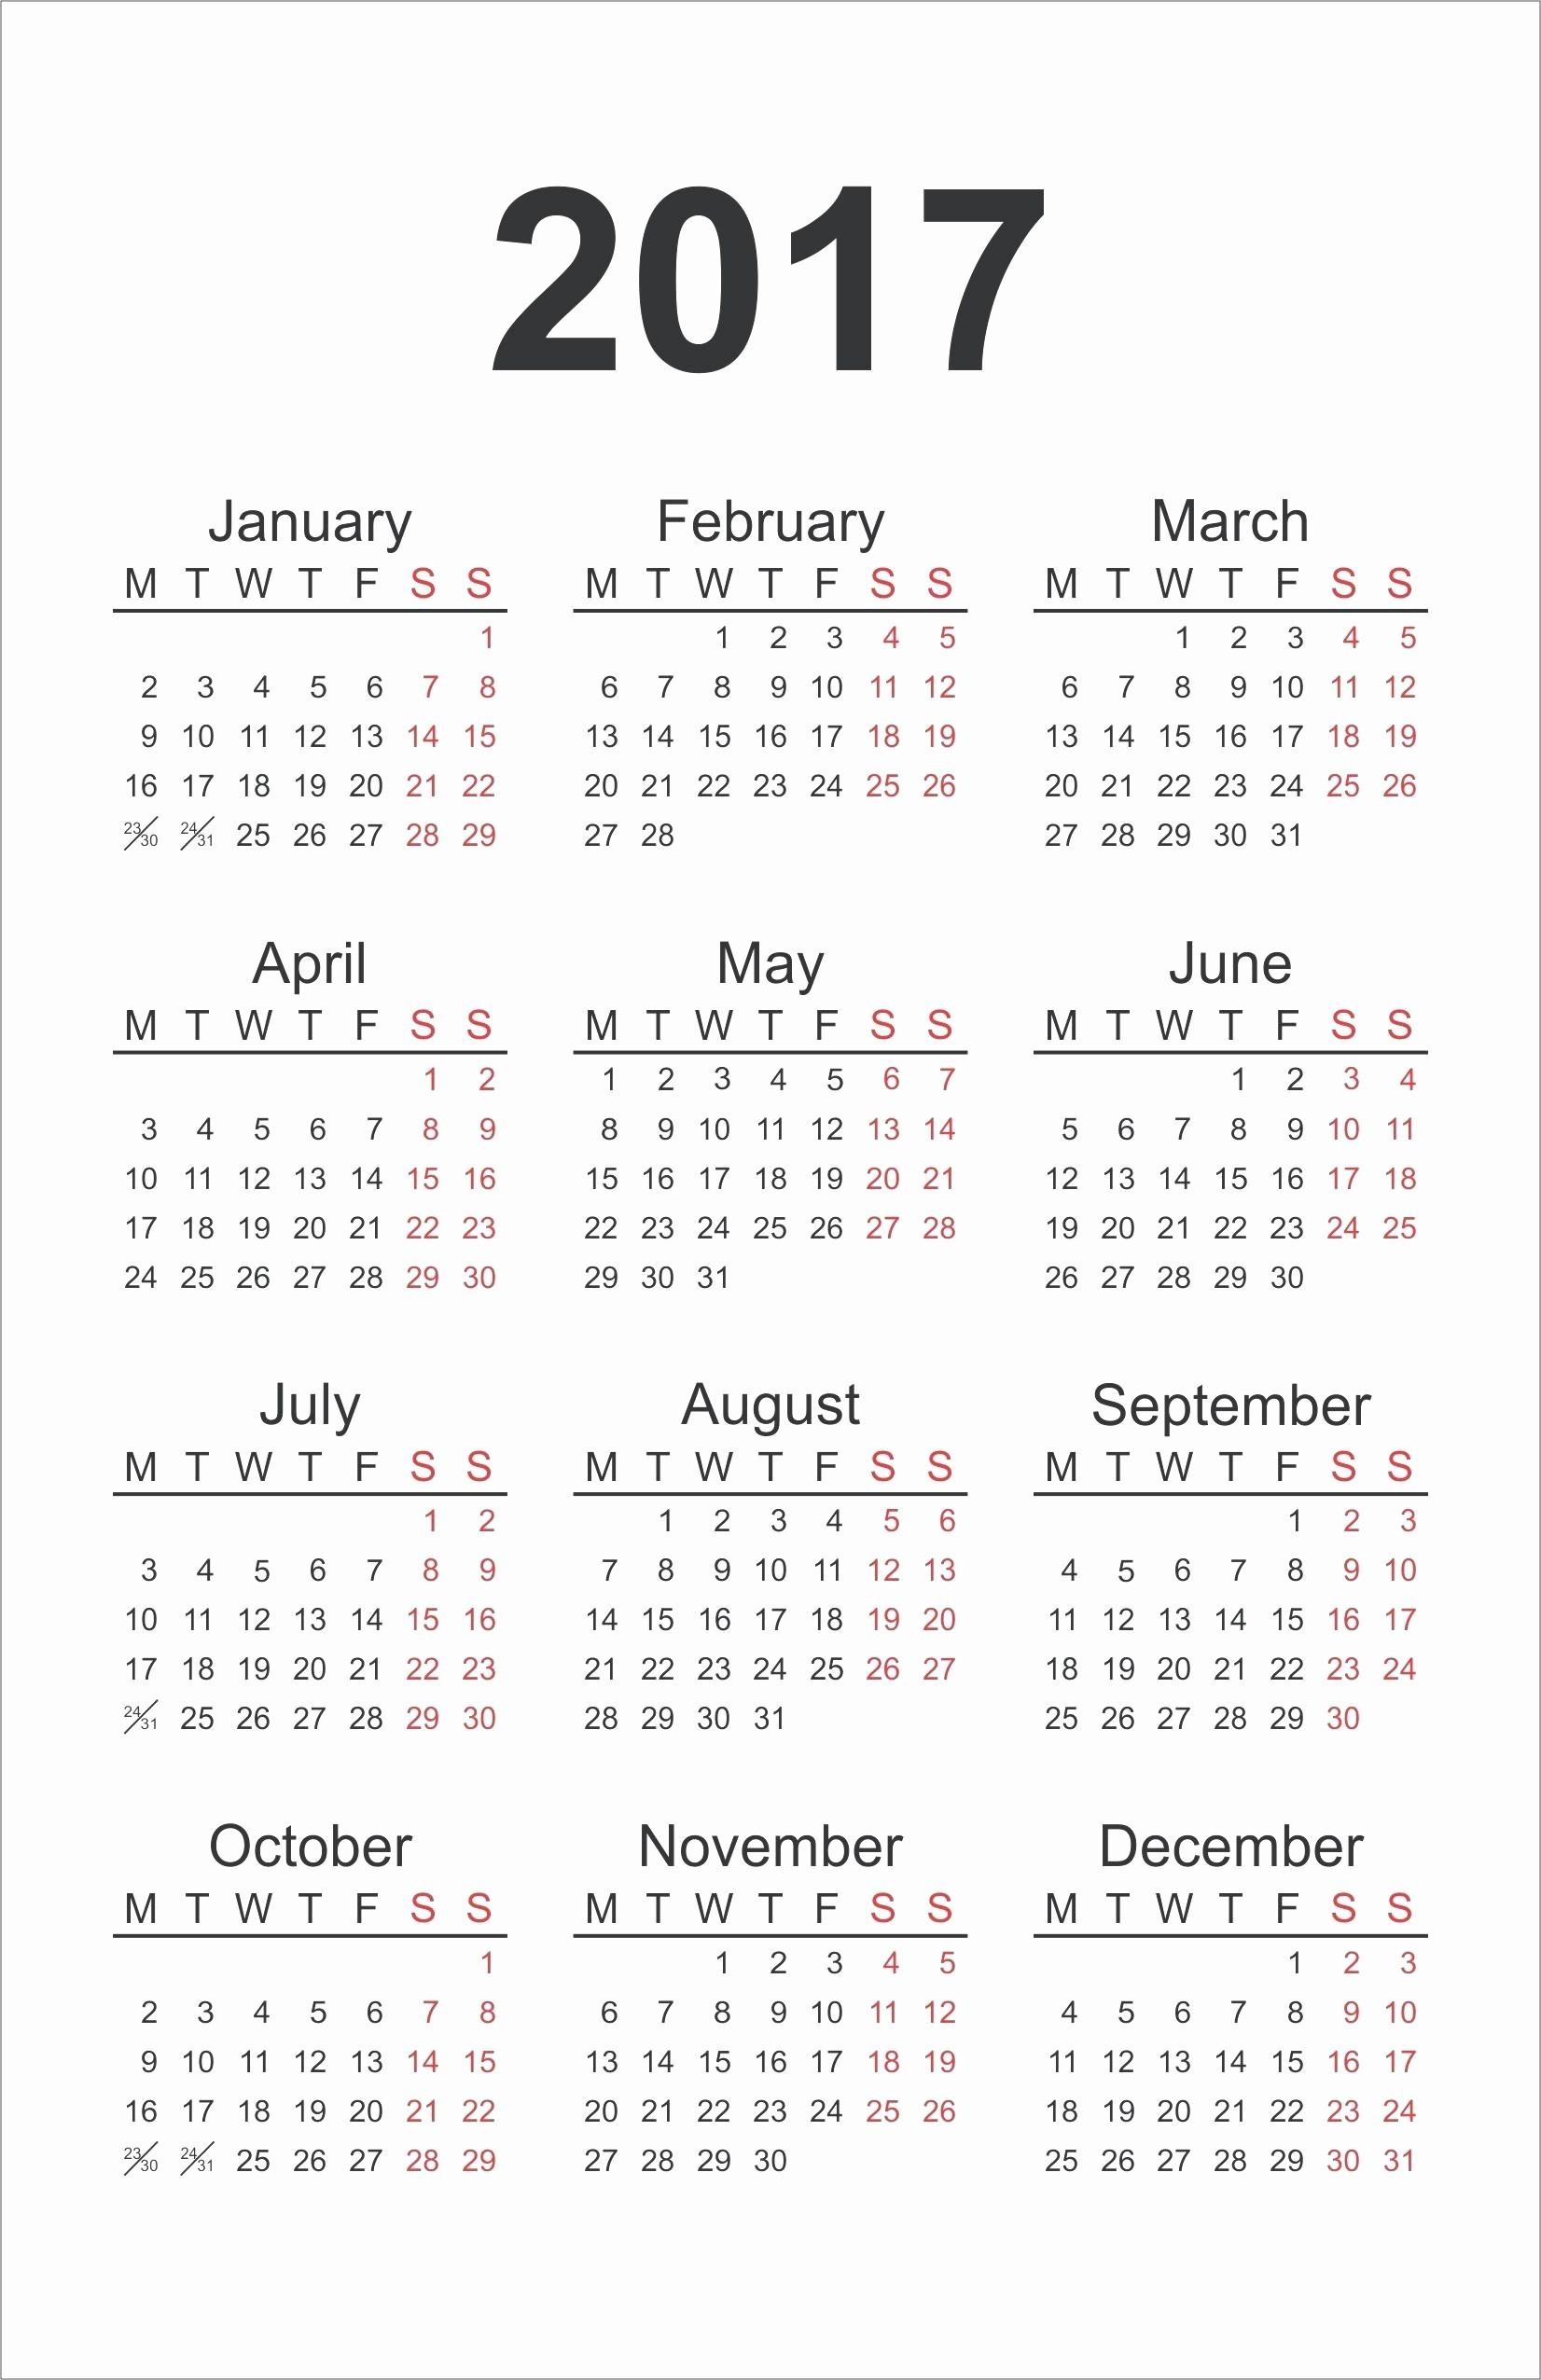 March 2019 Calendar Lala Ramswaroop Más Recientes December 2019 Calendar Pdf Printable Calendar Countdown – Calendar Of March 2019 Calendar Lala Ramswaroop Más Recientemente Liberado Media to Get Lala Ramswaroop Calendar 2019 Pdf Download Calendar